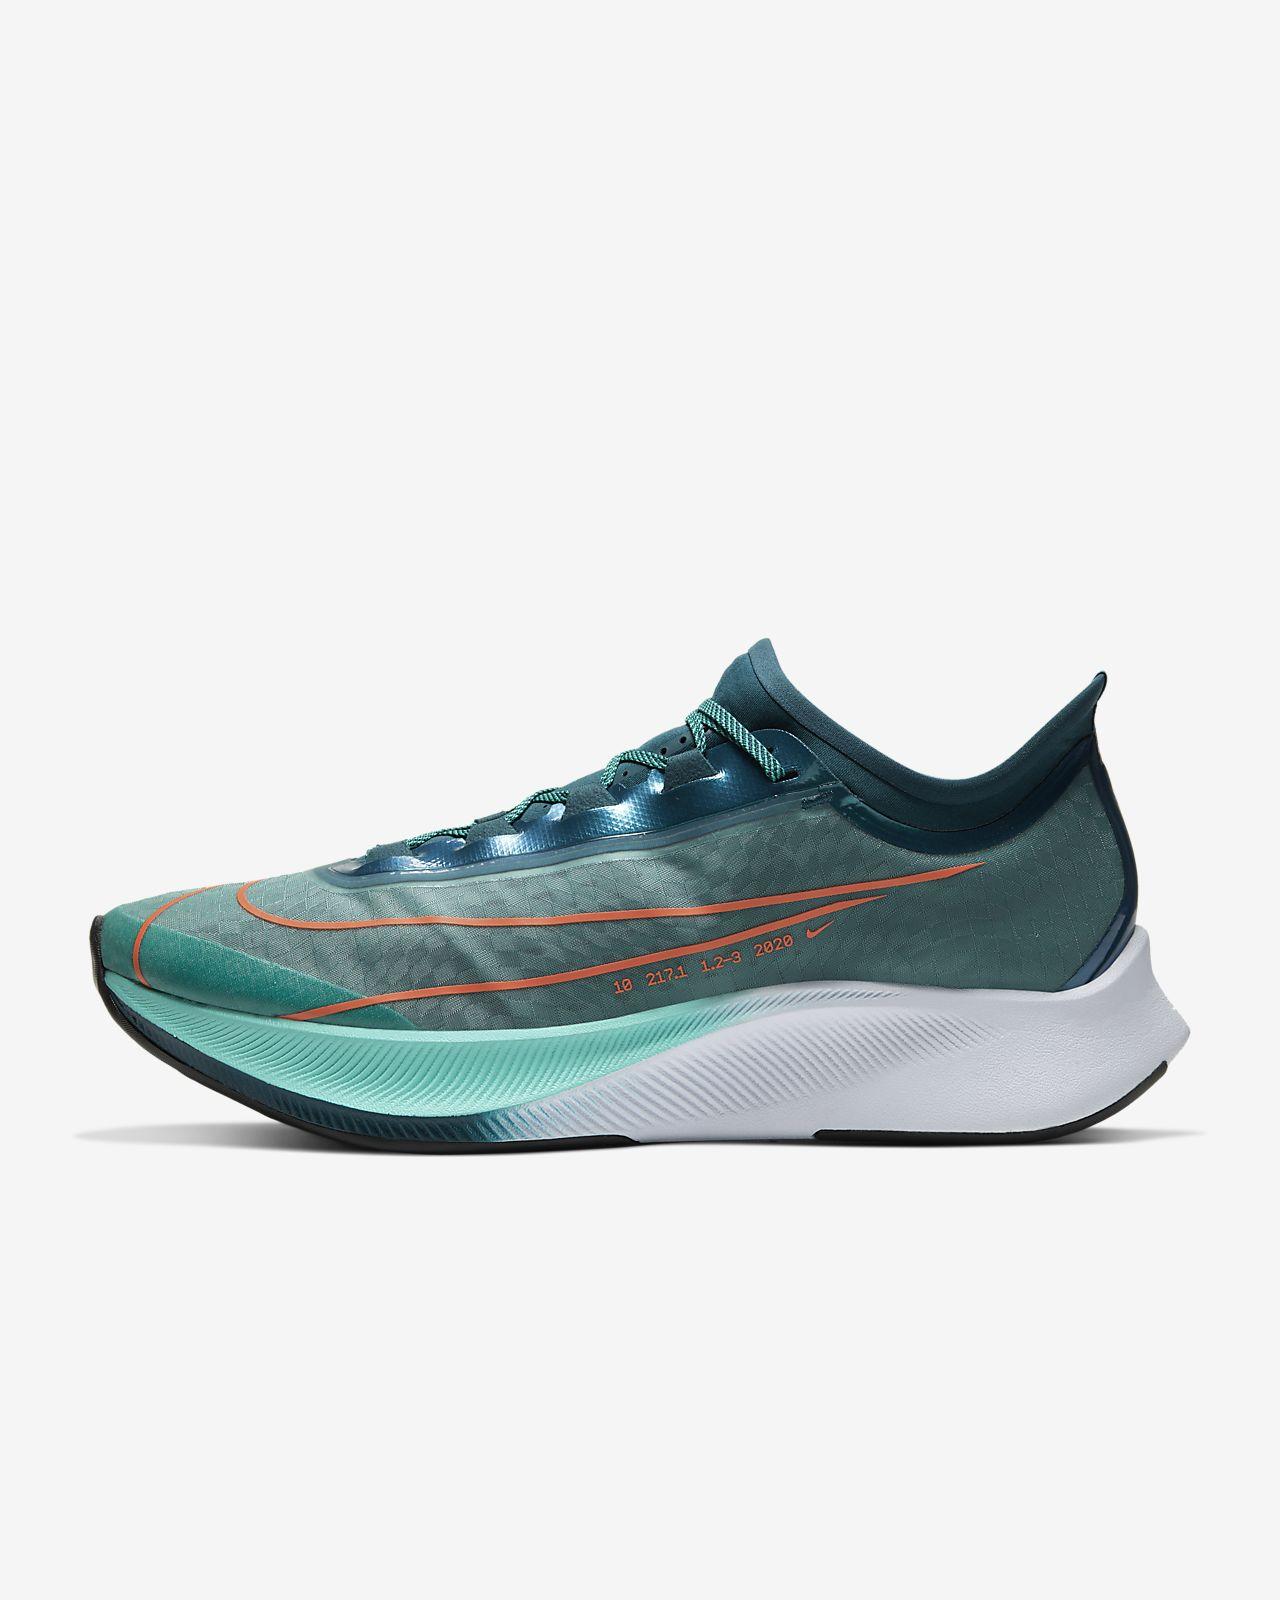 Pánská běžecká bota Nike Zoom Fly 3 Premium